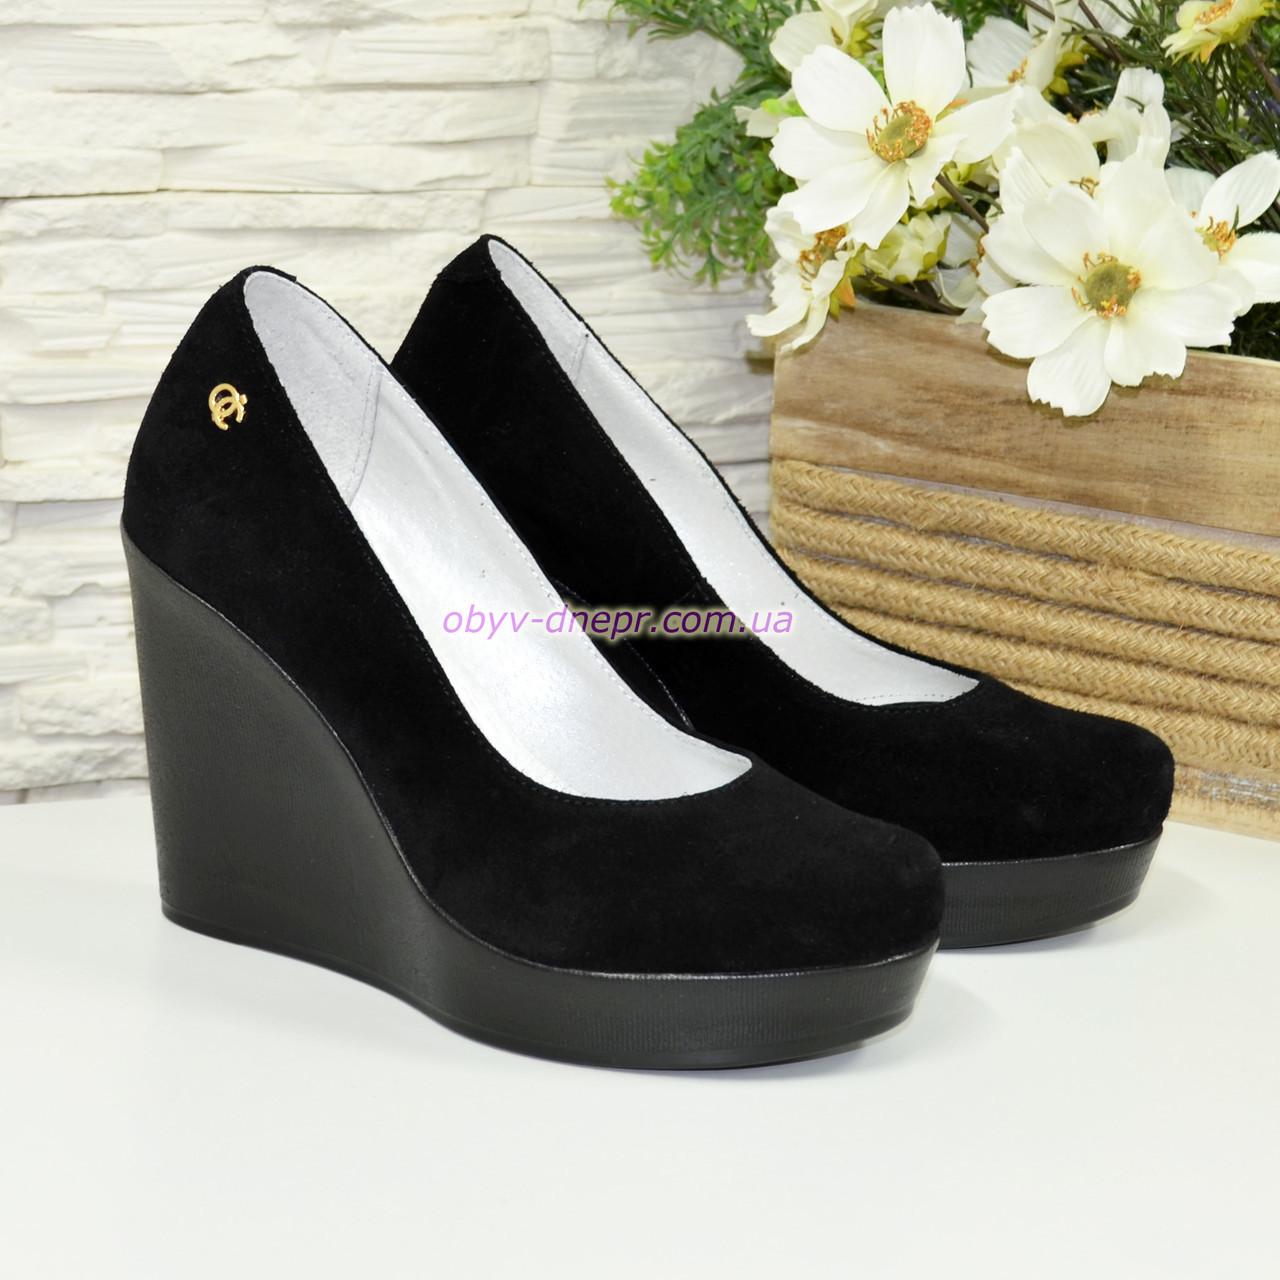 Туфлі жіночі замшеві на високій платформі, декоровані фурнітурою